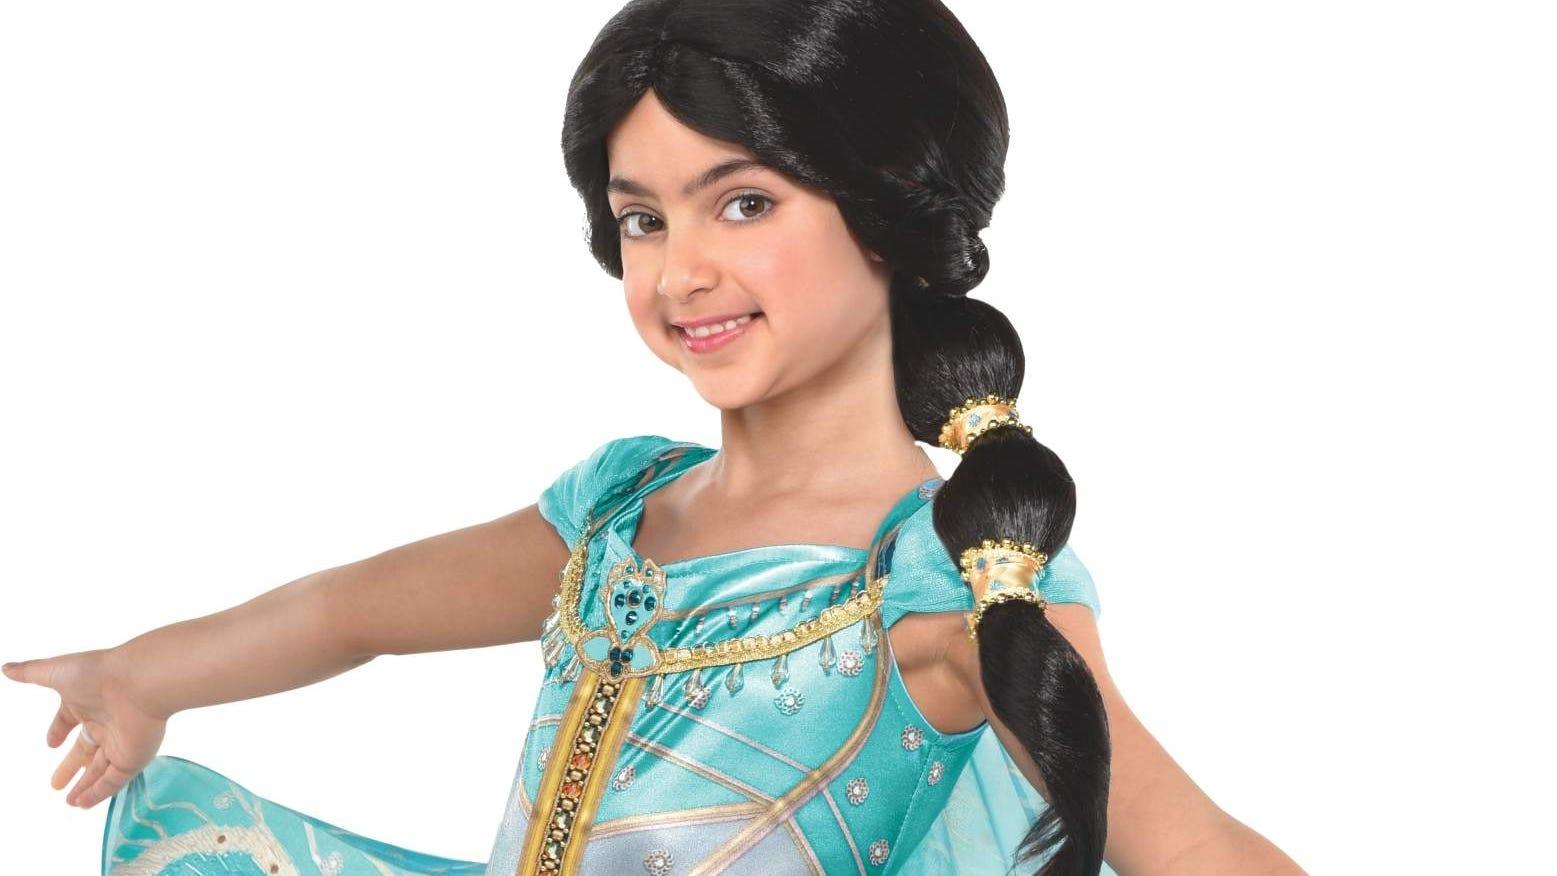 princess jasmine hairstyle 2019